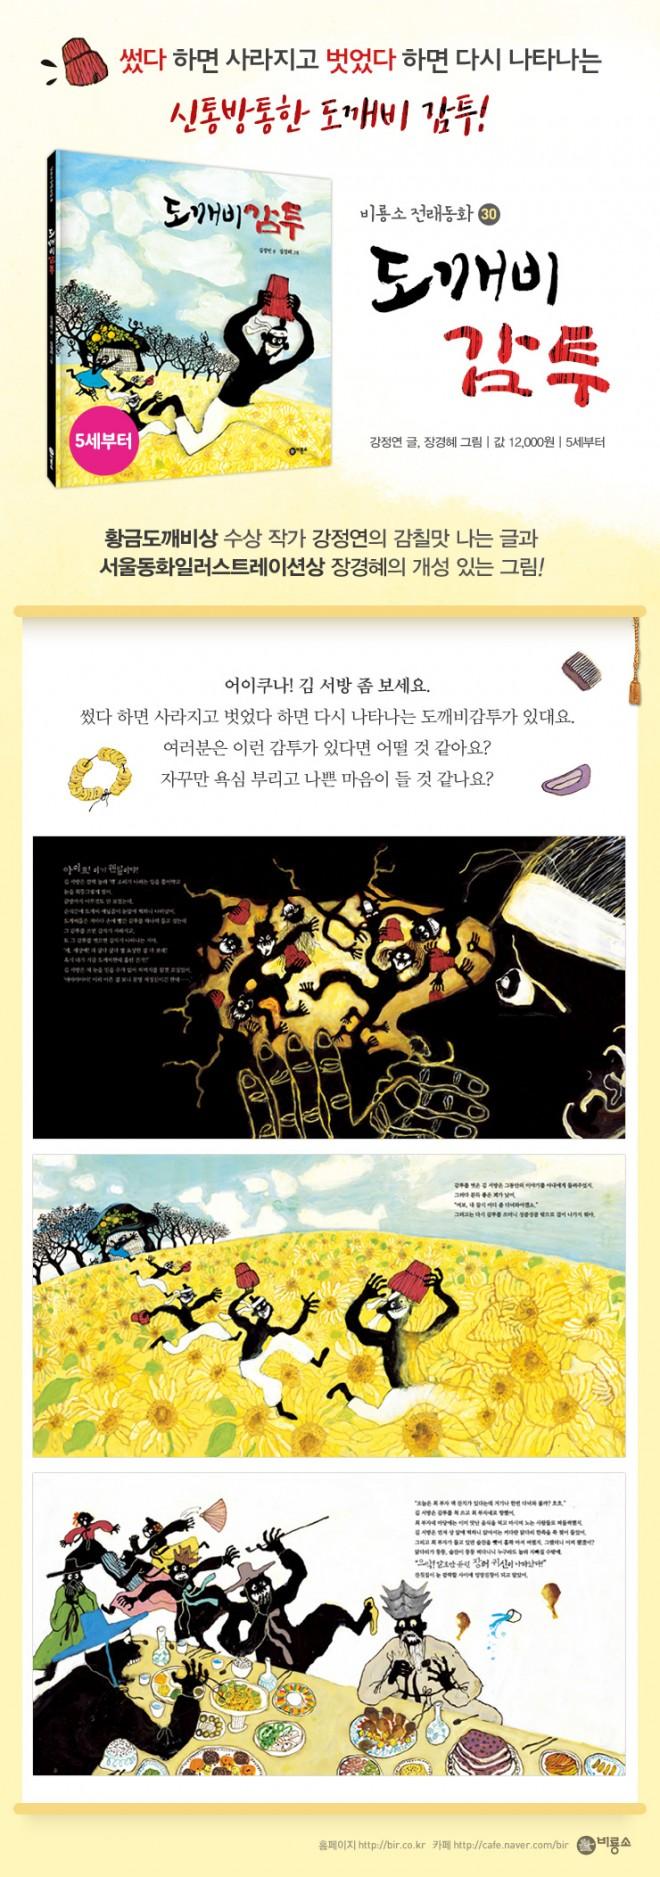 비룡소전래동화_30